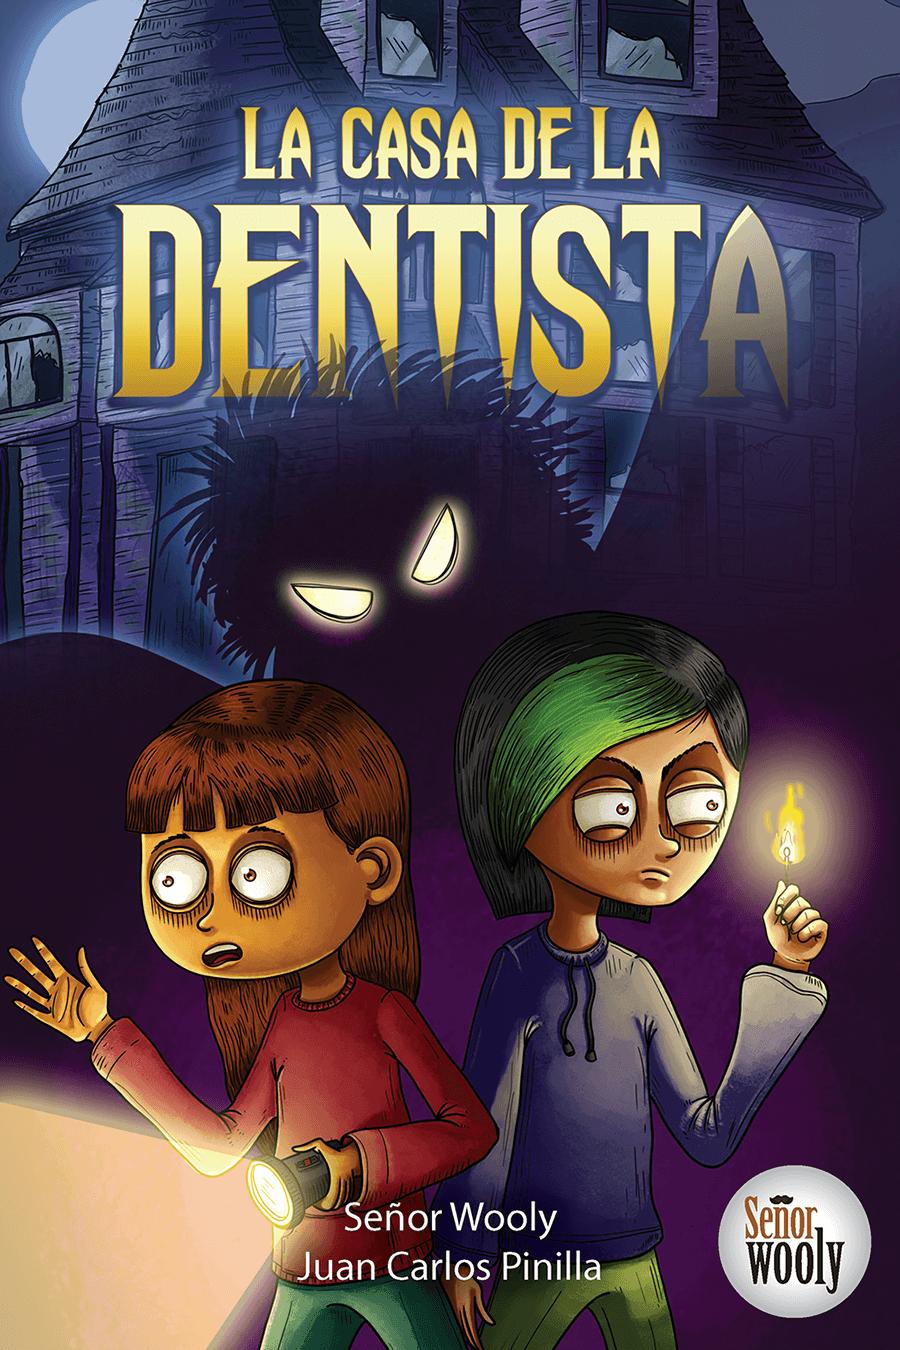 La Casa de La Dentista Trade Paperback